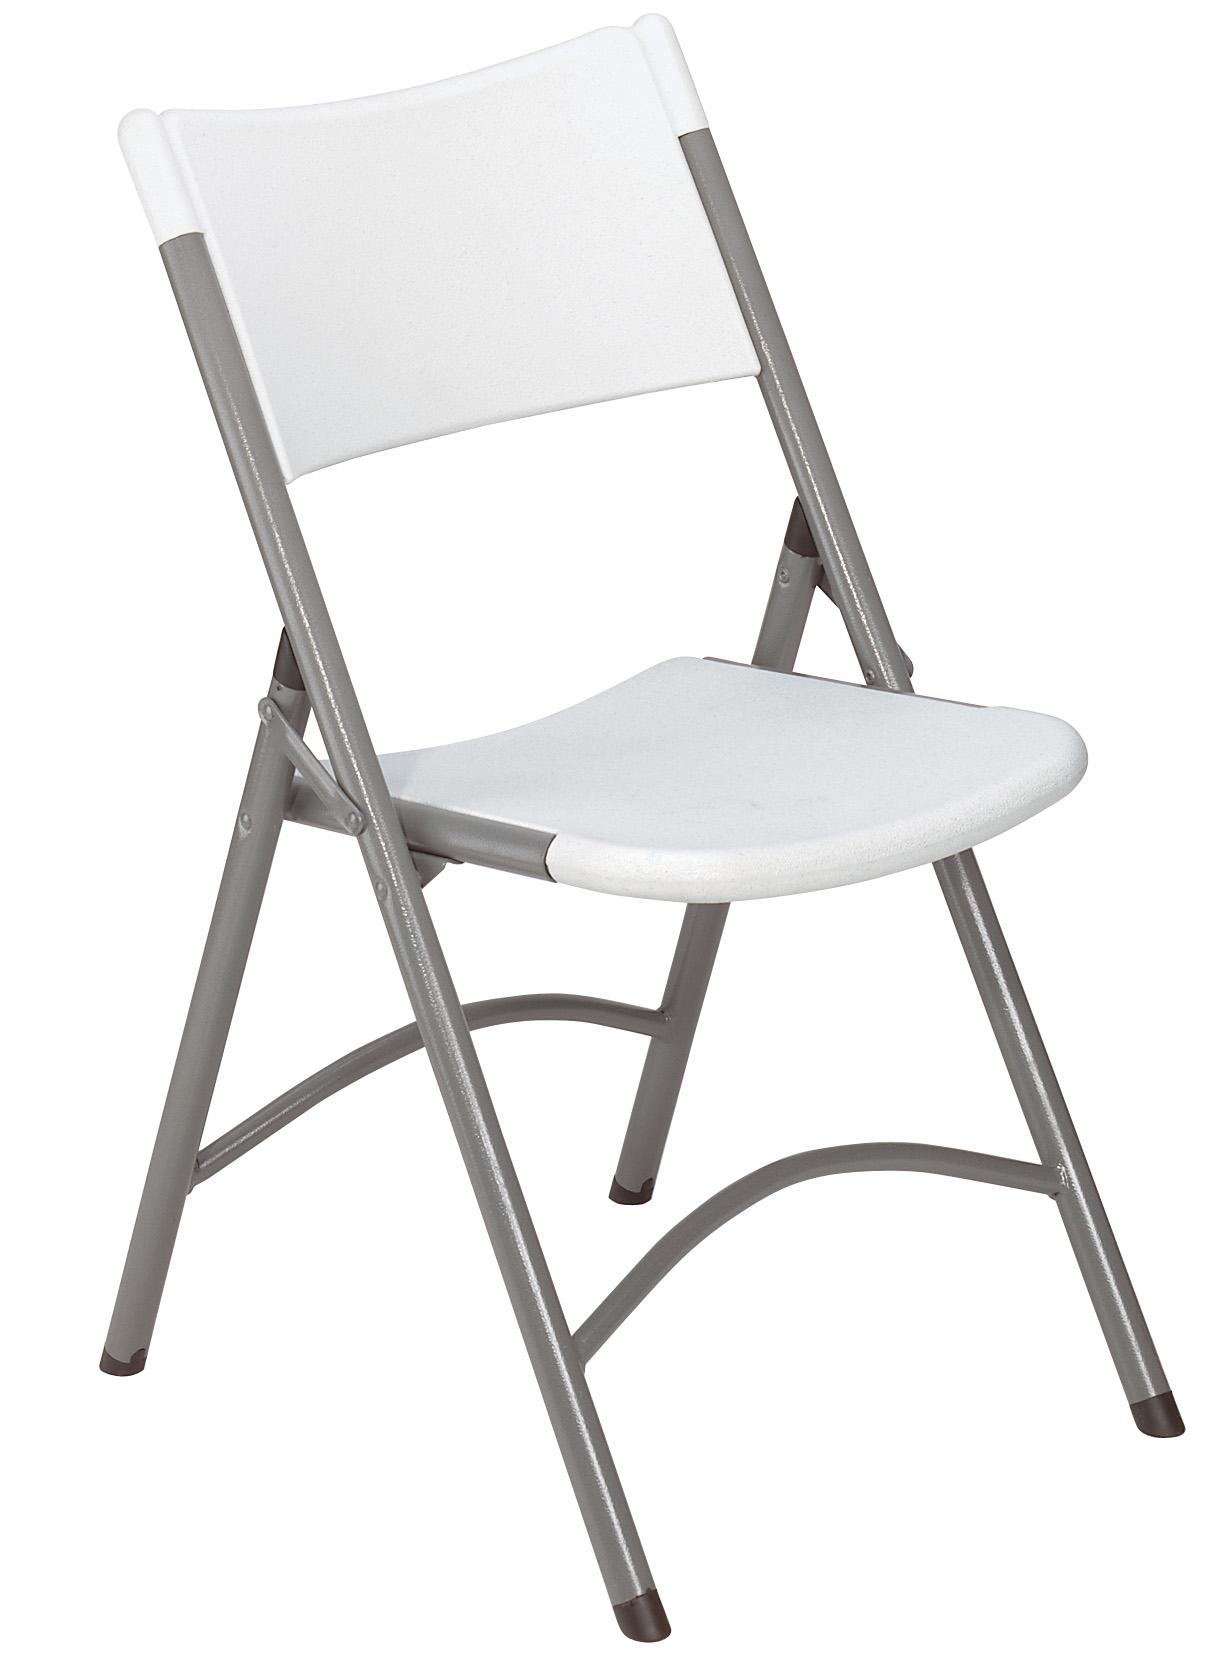 White wooden beach chair - Vertical Chair Cart Handtrucks2go